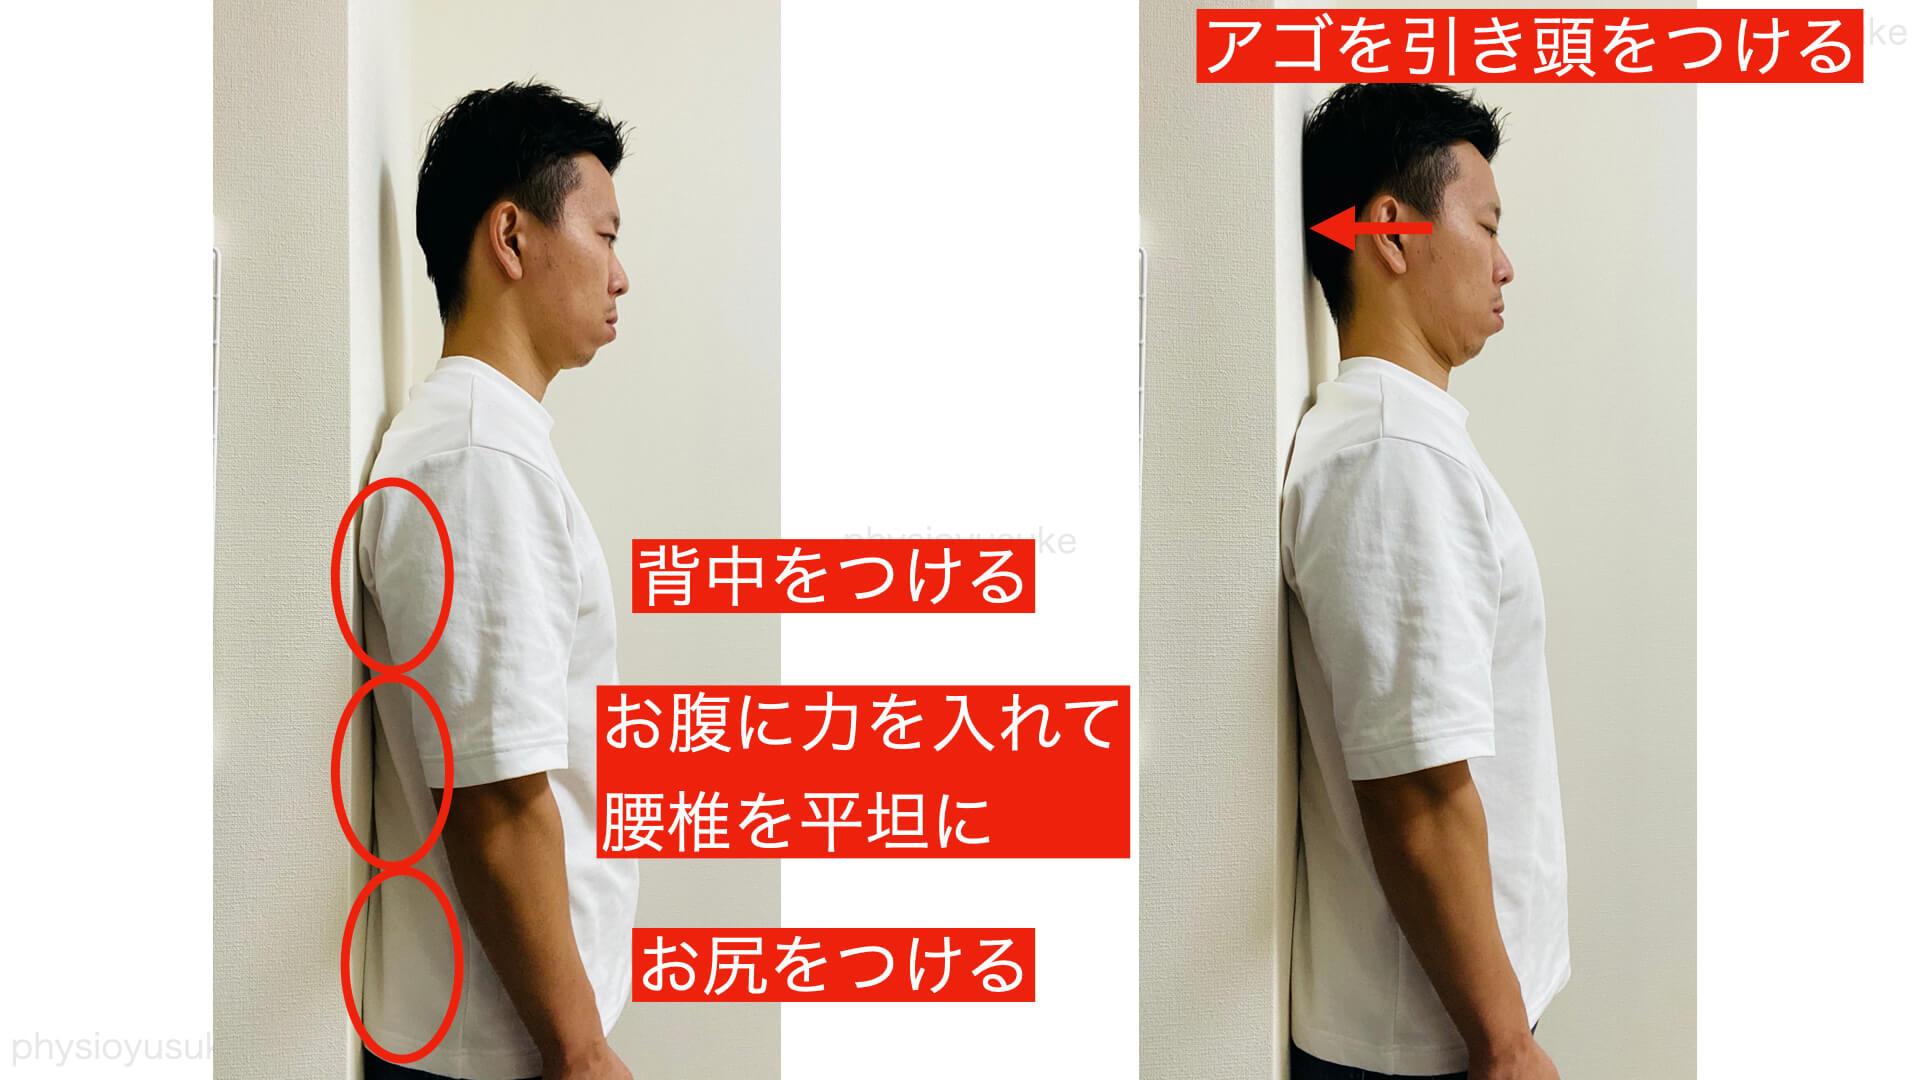 胸椎の可動性テスト